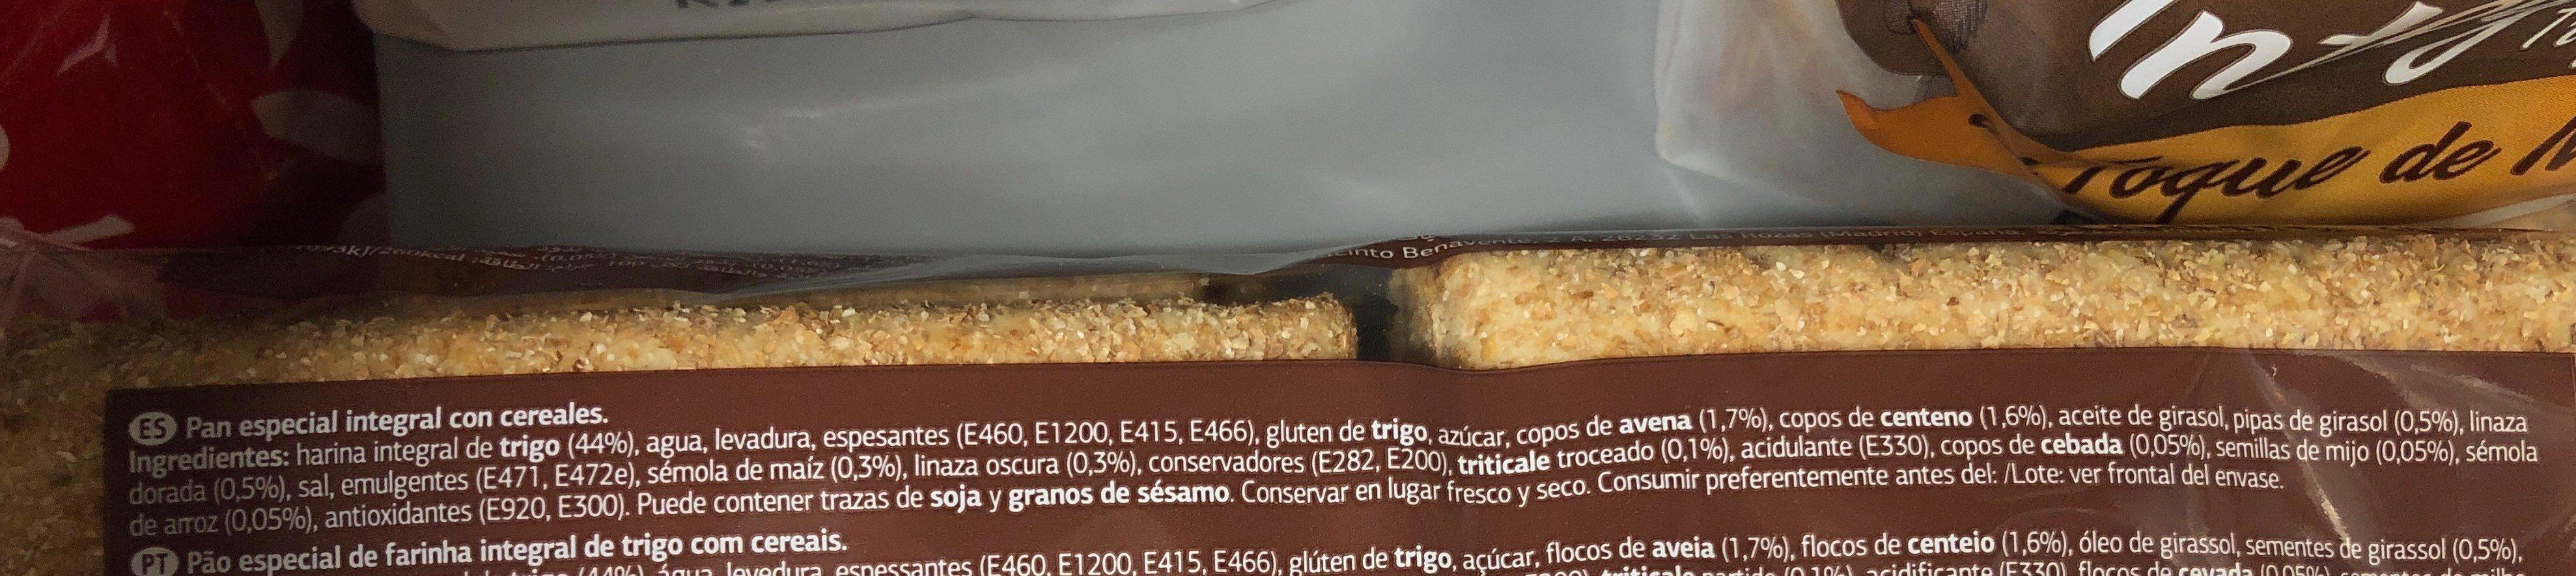 Pan Especial Con Cereales - Ingredientes